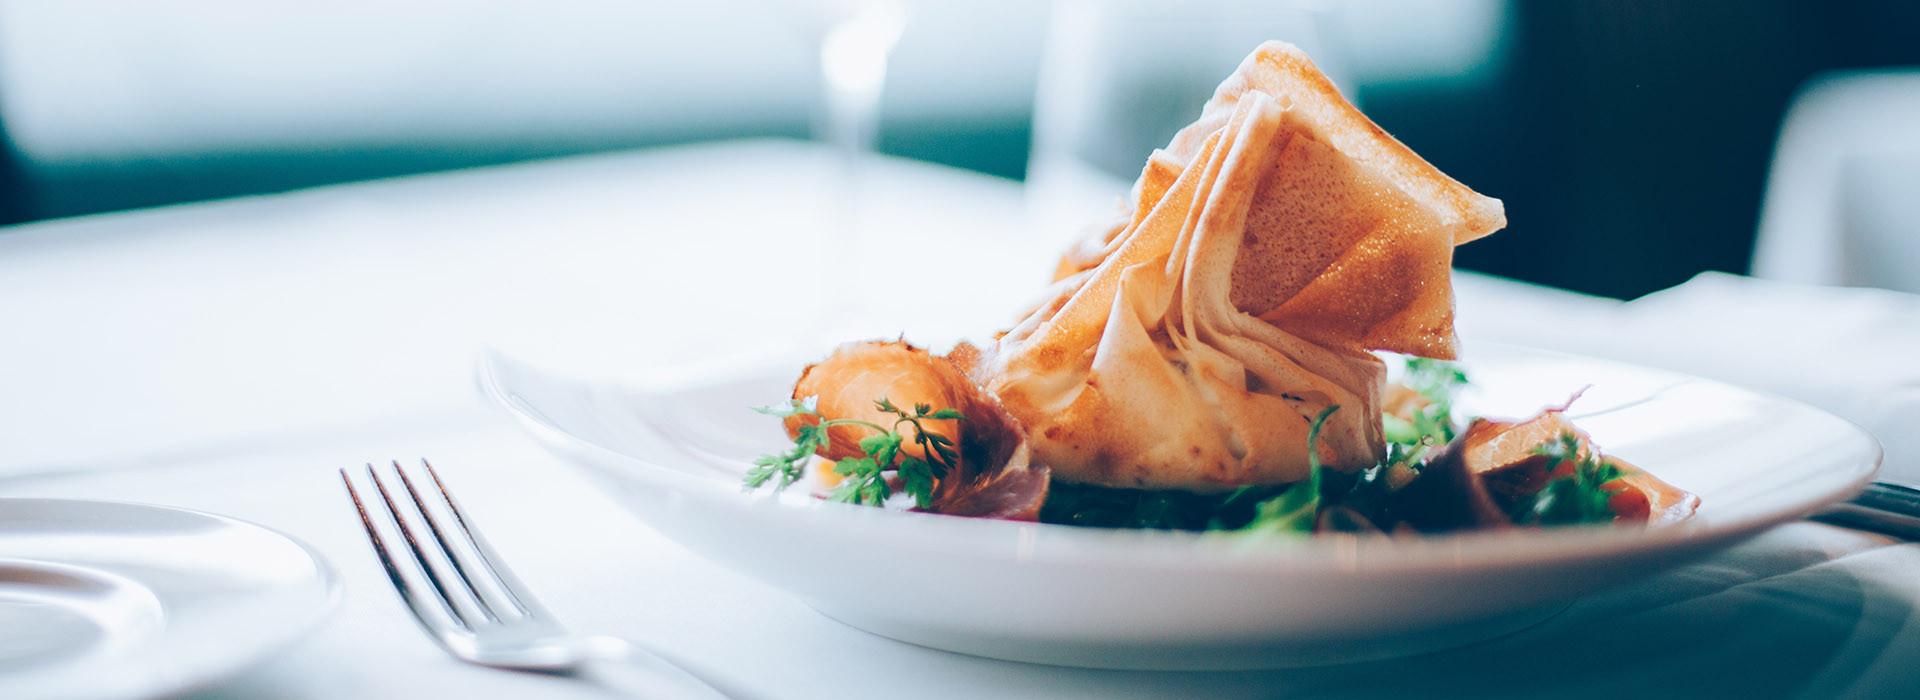 Die Küche in den Ratsstuben Weissach ist saisonal wechselnd. Sie erhalten lactose- als auch verlässlich glutenfreie Gerichte - aber auch ein vegetarisch-veganes Speiseangebot.